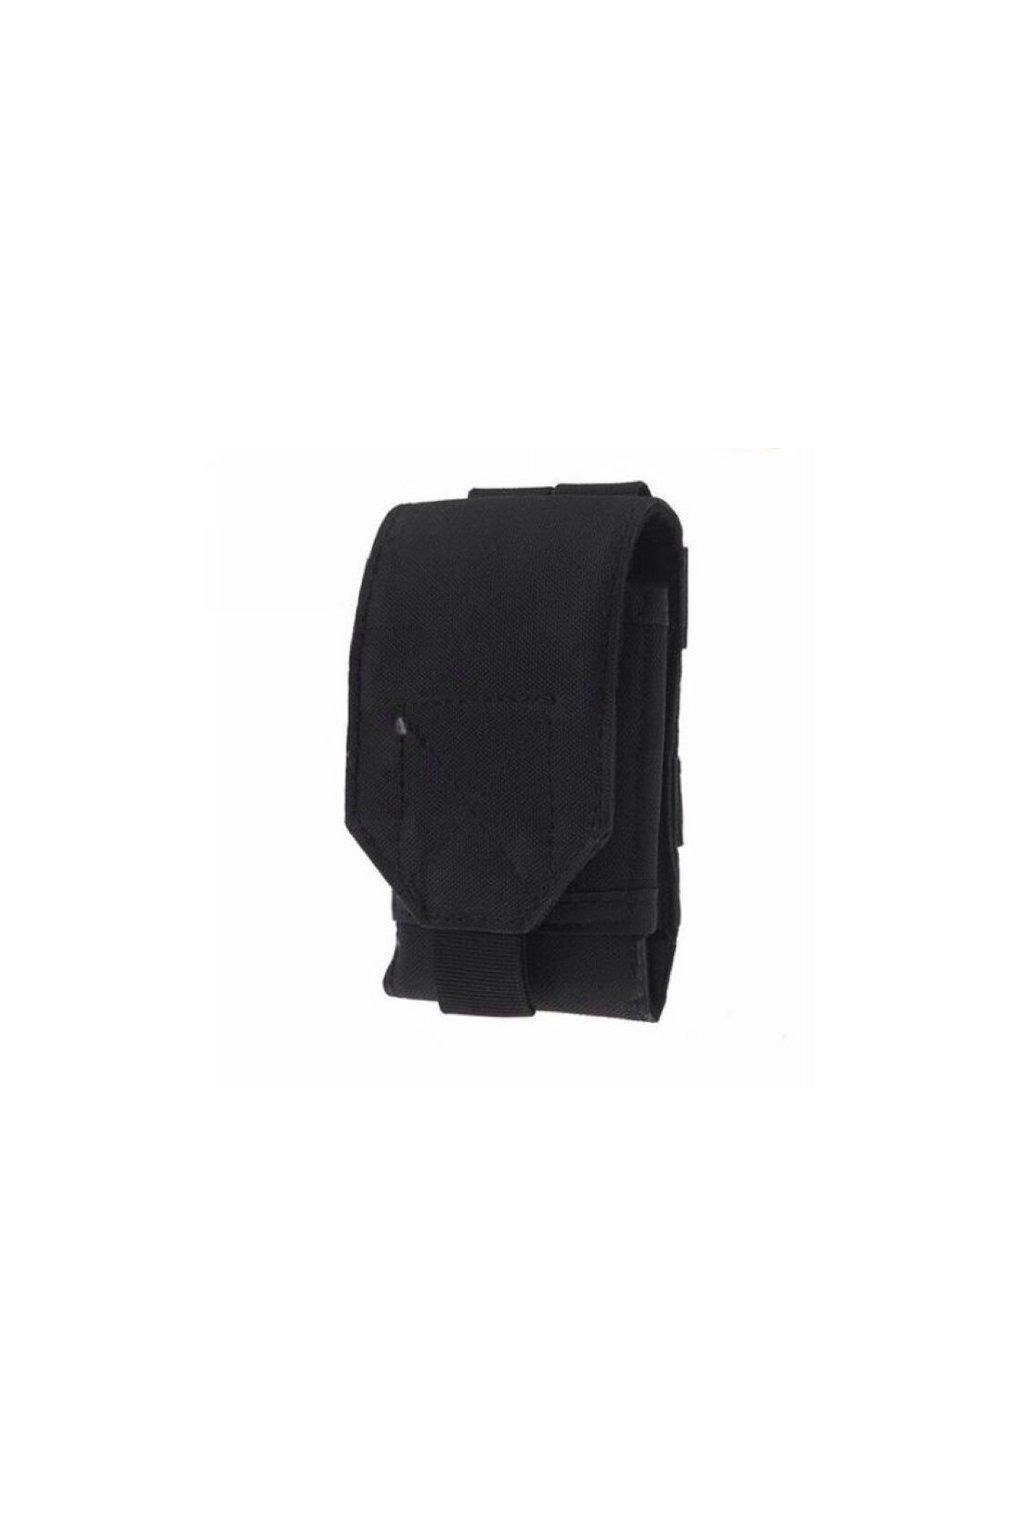 Textilní pouzdro pro mobilní telefony AGM